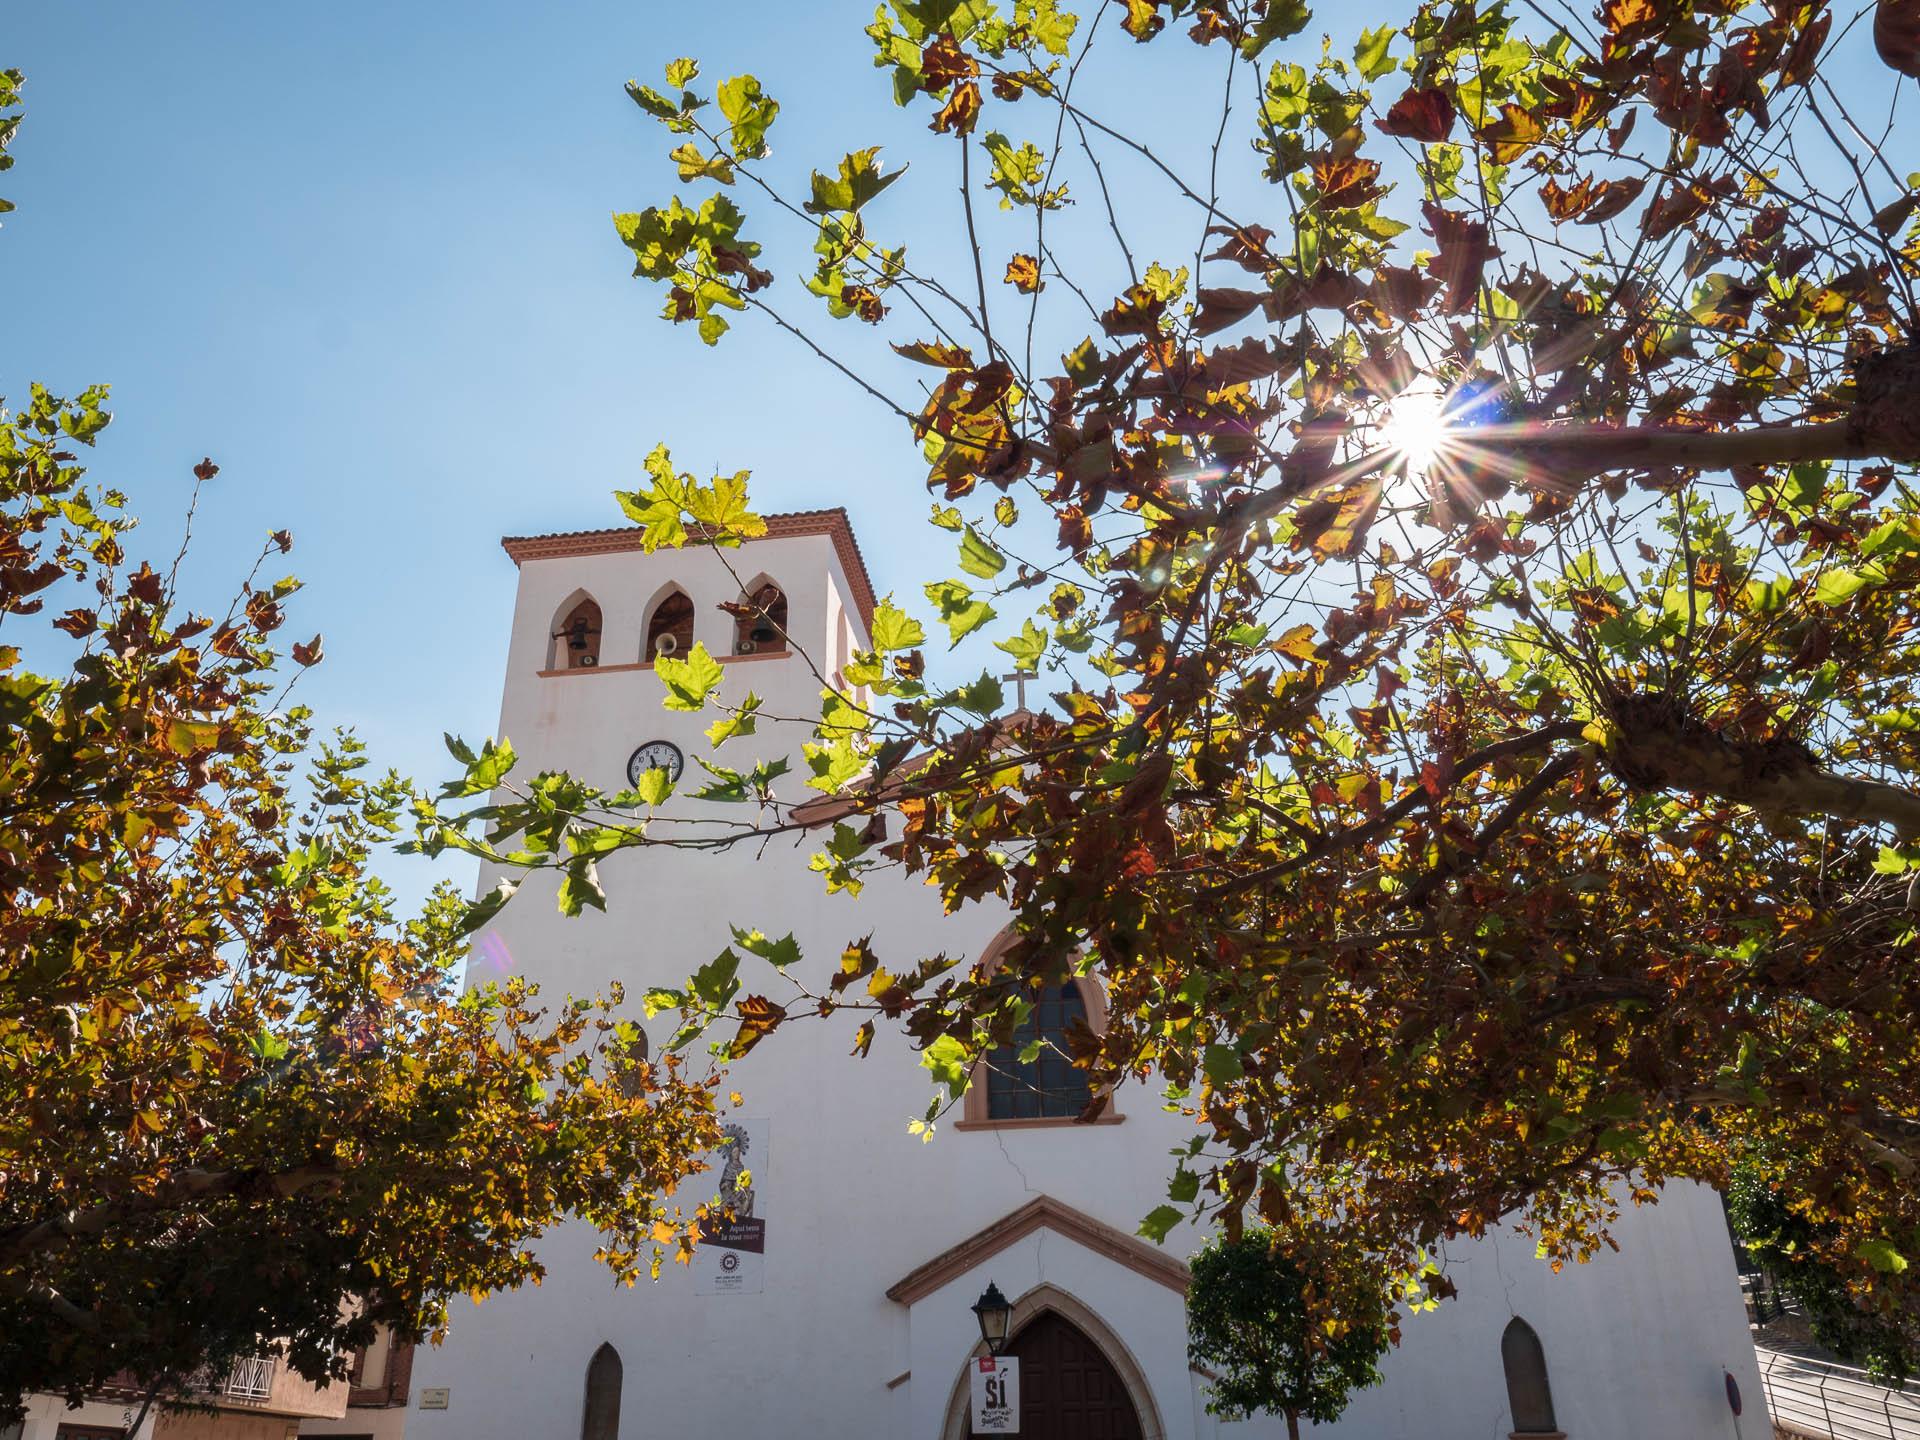 tortosa église - Les globe blogueurs - blog voyage nature